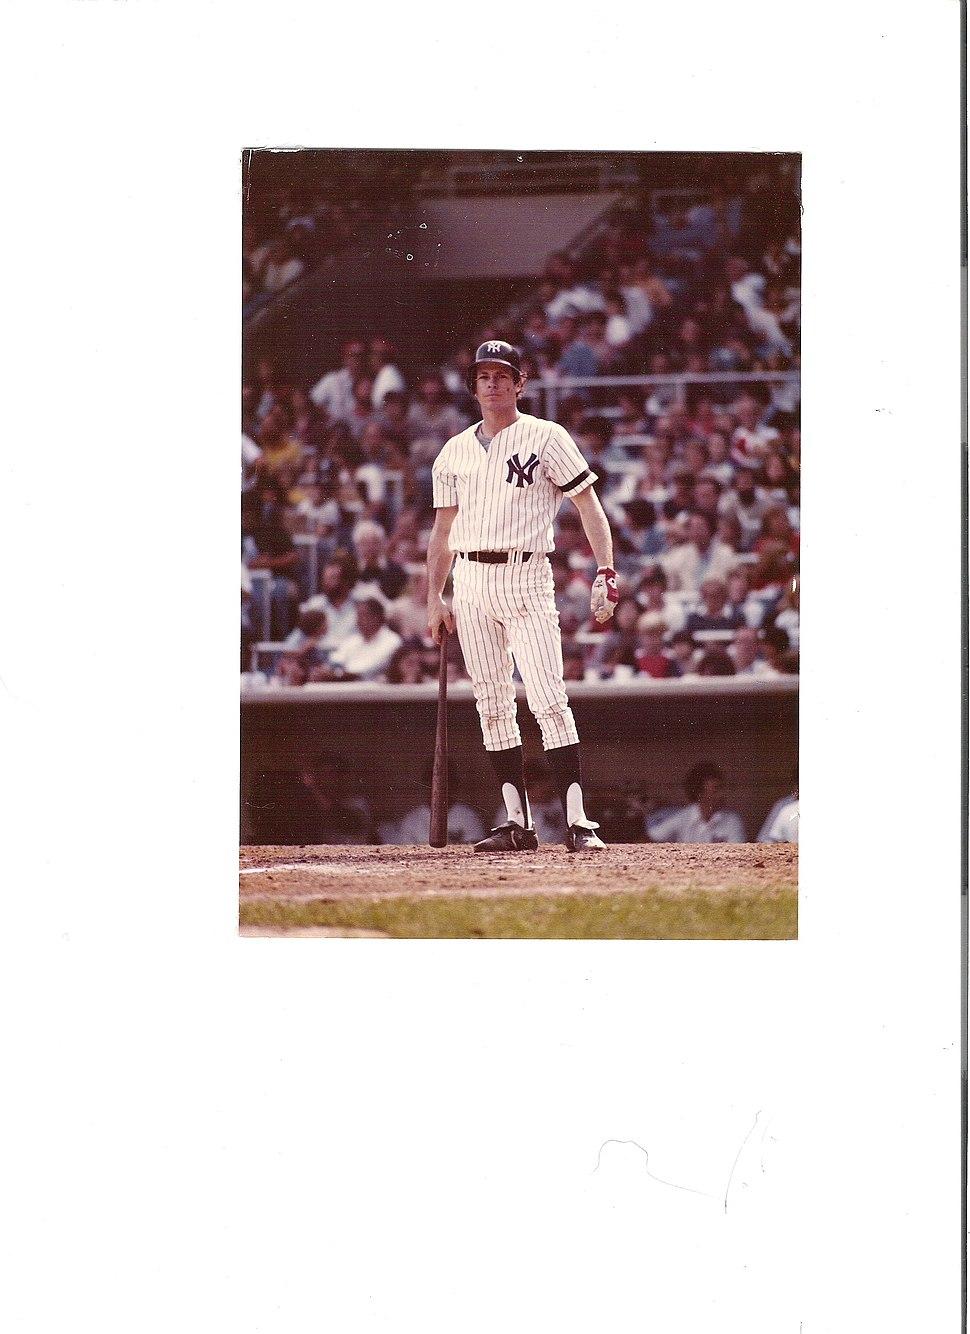 Bruce Robinson At Bat At Yankee Stadium Looking For Sign